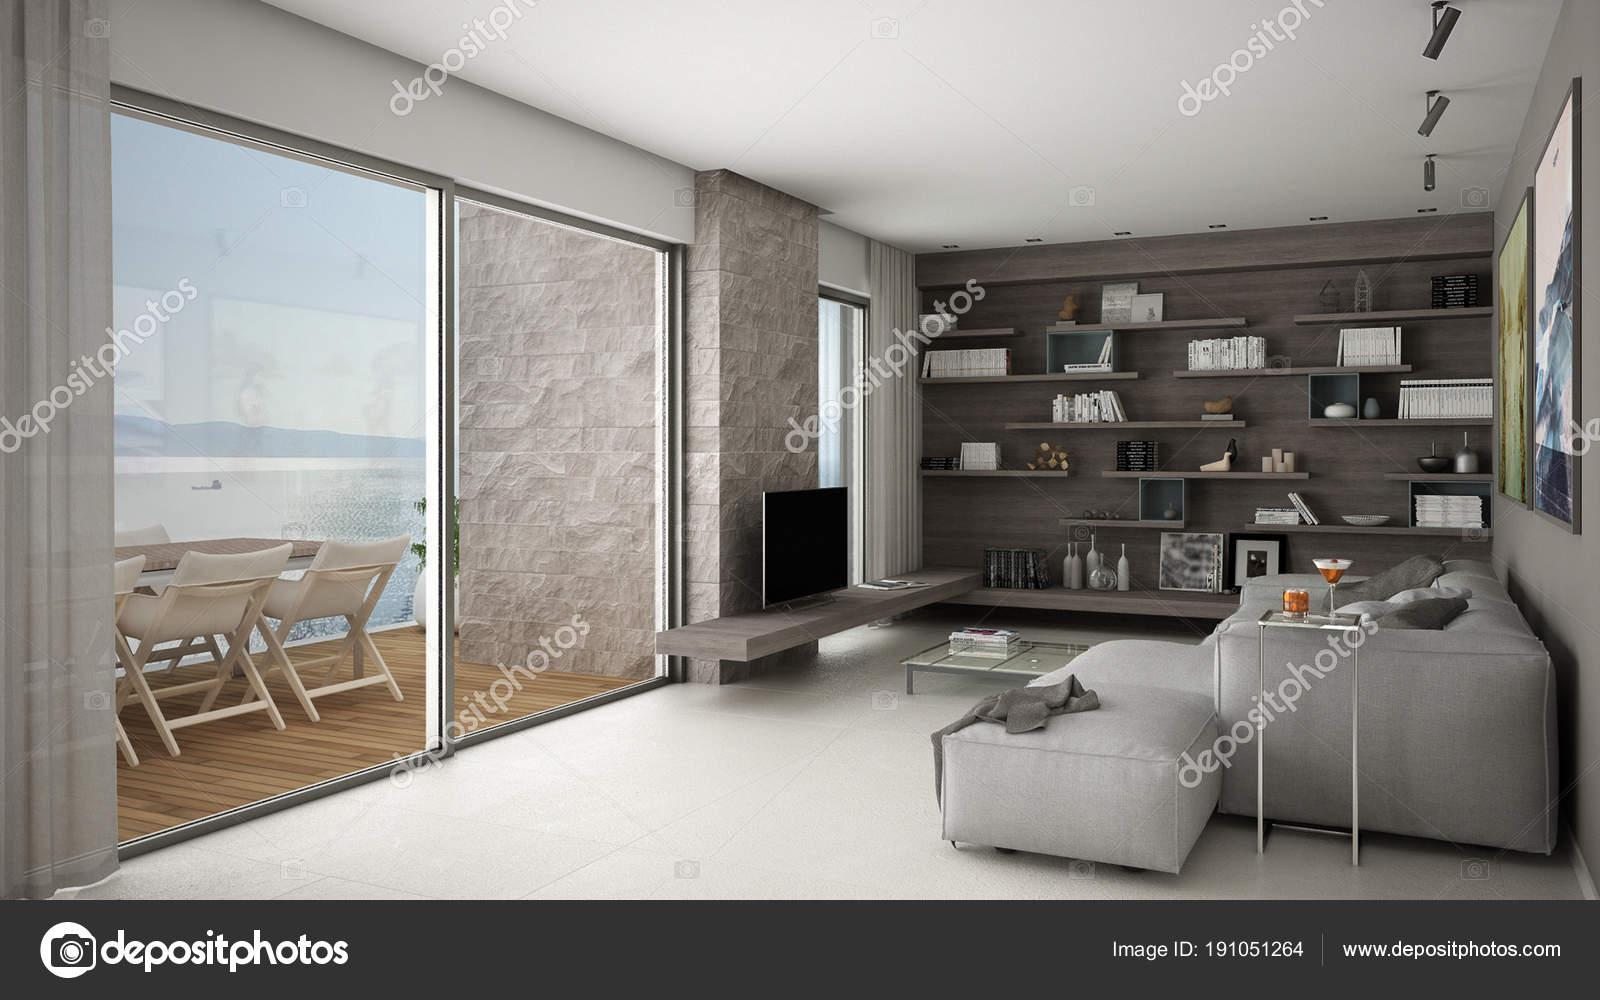 Moderno soggiorno open space con divano e ripiani, grande finestra ...